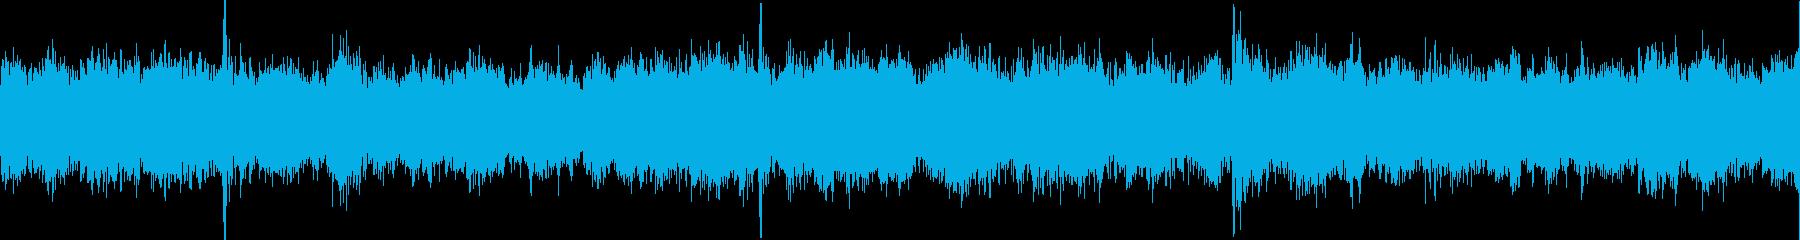 チュイーン、キュイーン(整備、工作音)の再生済みの波形